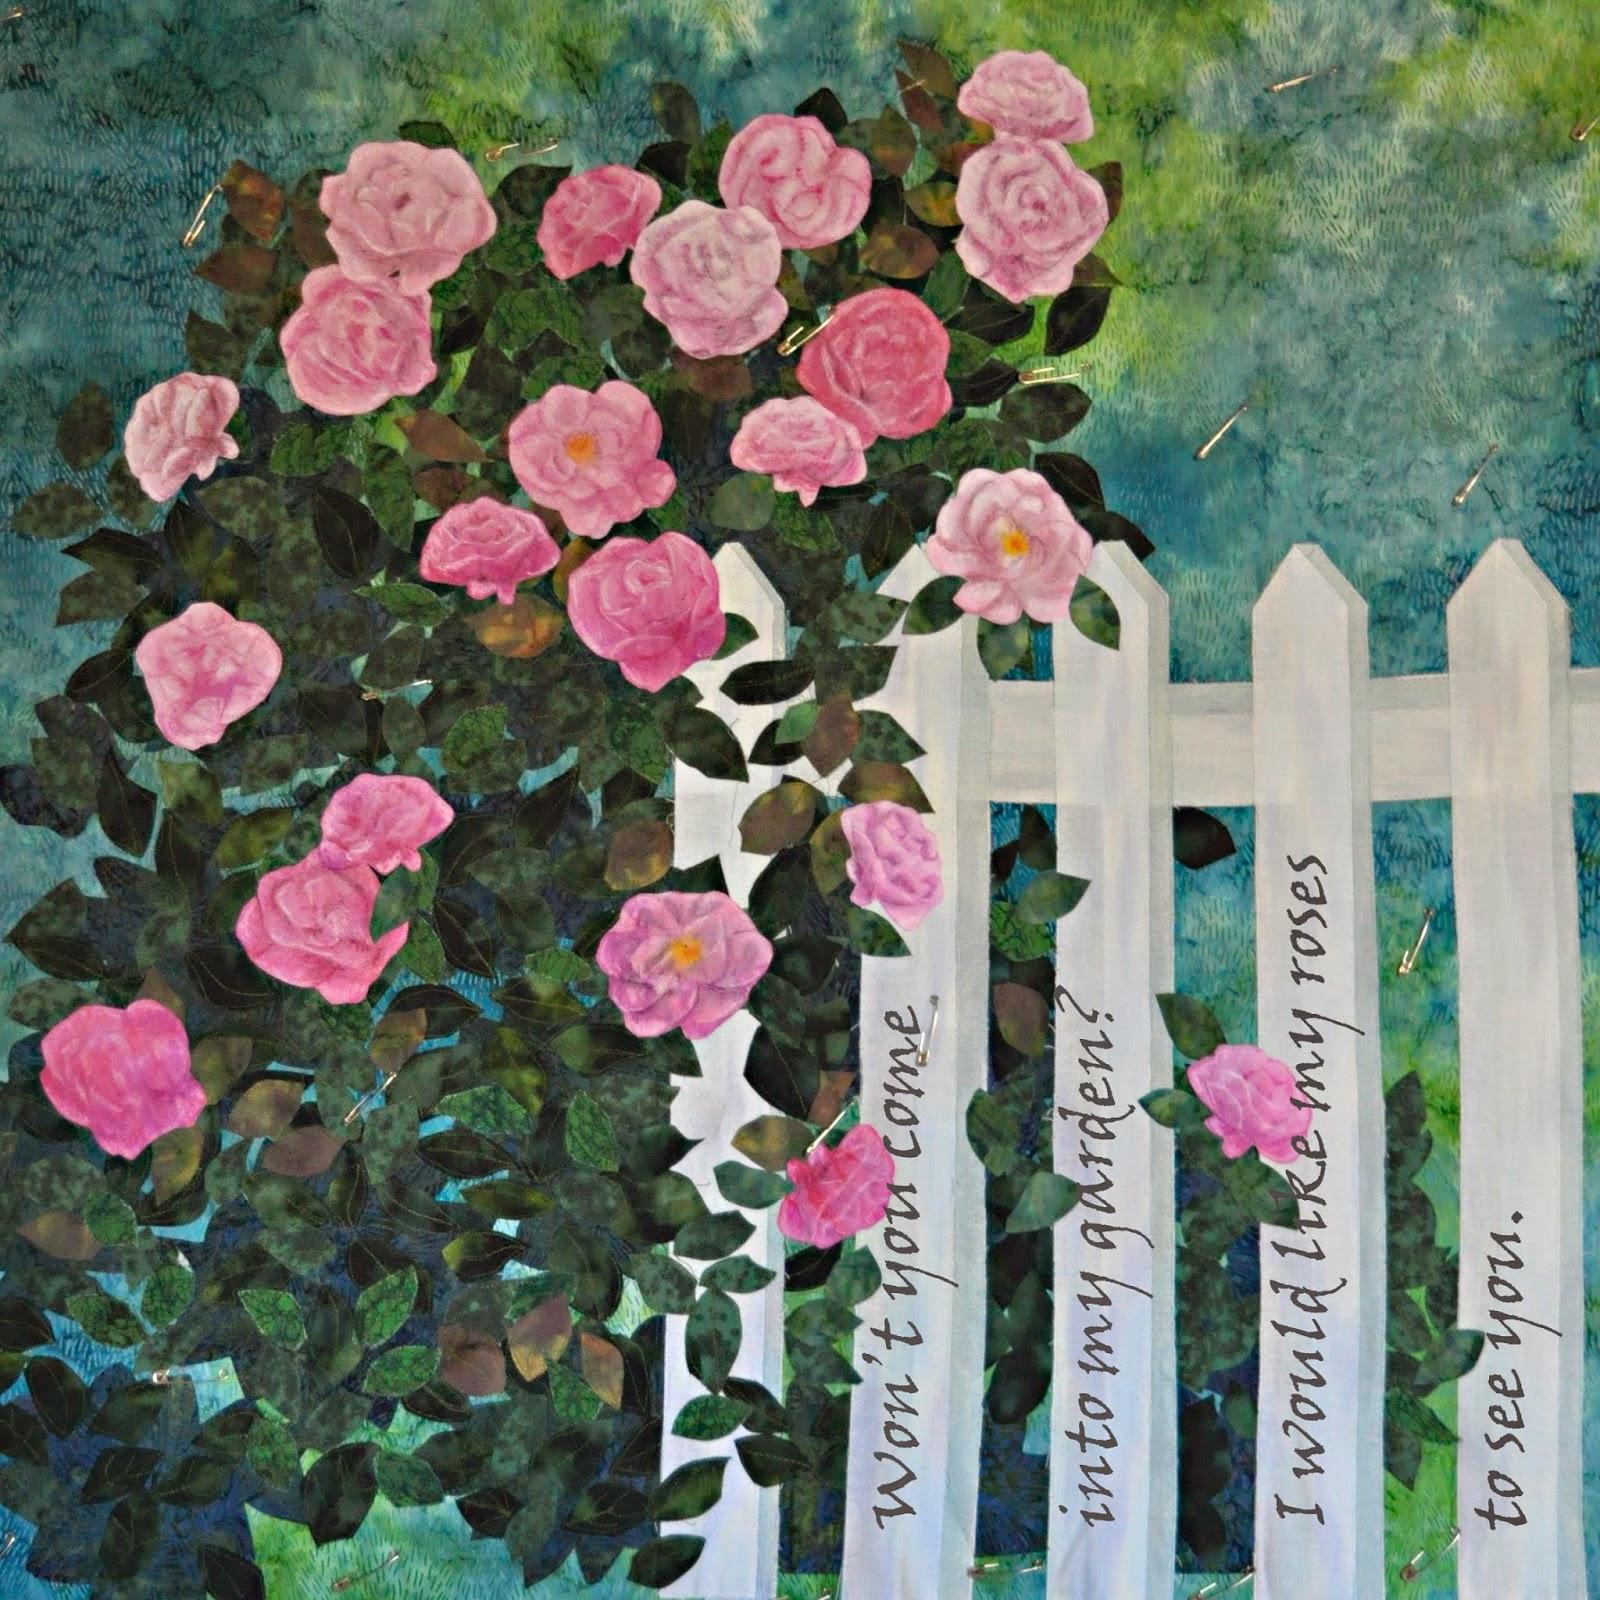 http://4.bp.blogspot.com/-RI7MuE84-pg/U9U1T2x5DmI/AAAAAAAAF1w/rgp32fVFpYI/s1600/RosesFenceText.jpg